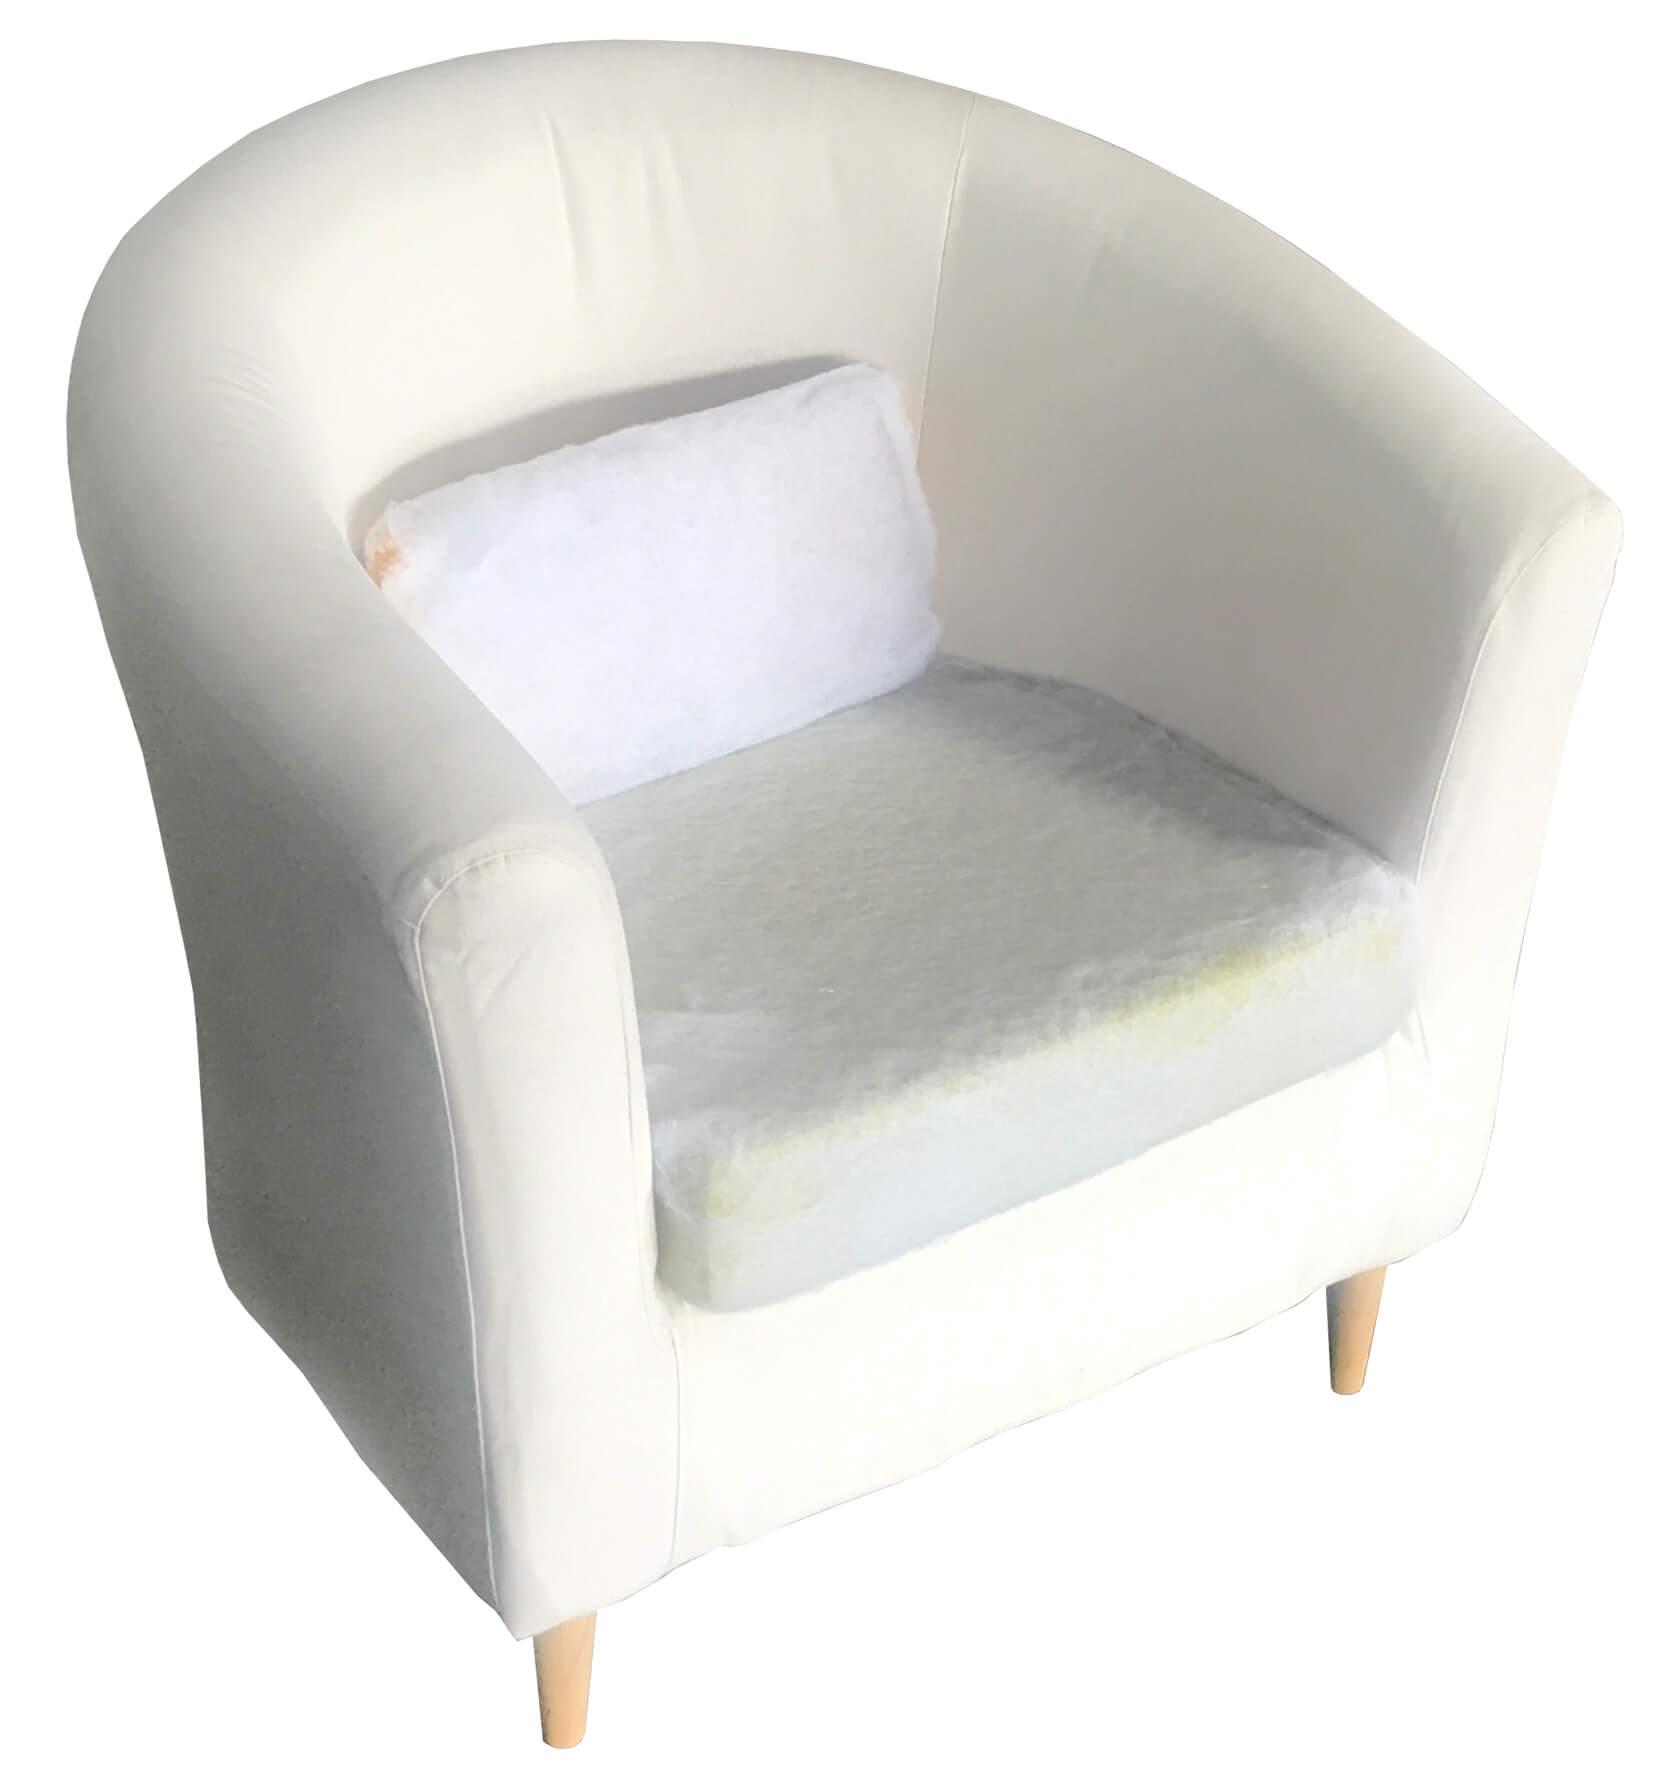 ikea ektorp sessel tullsta ohne bezug. Black Bedroom Furniture Sets. Home Design Ideas